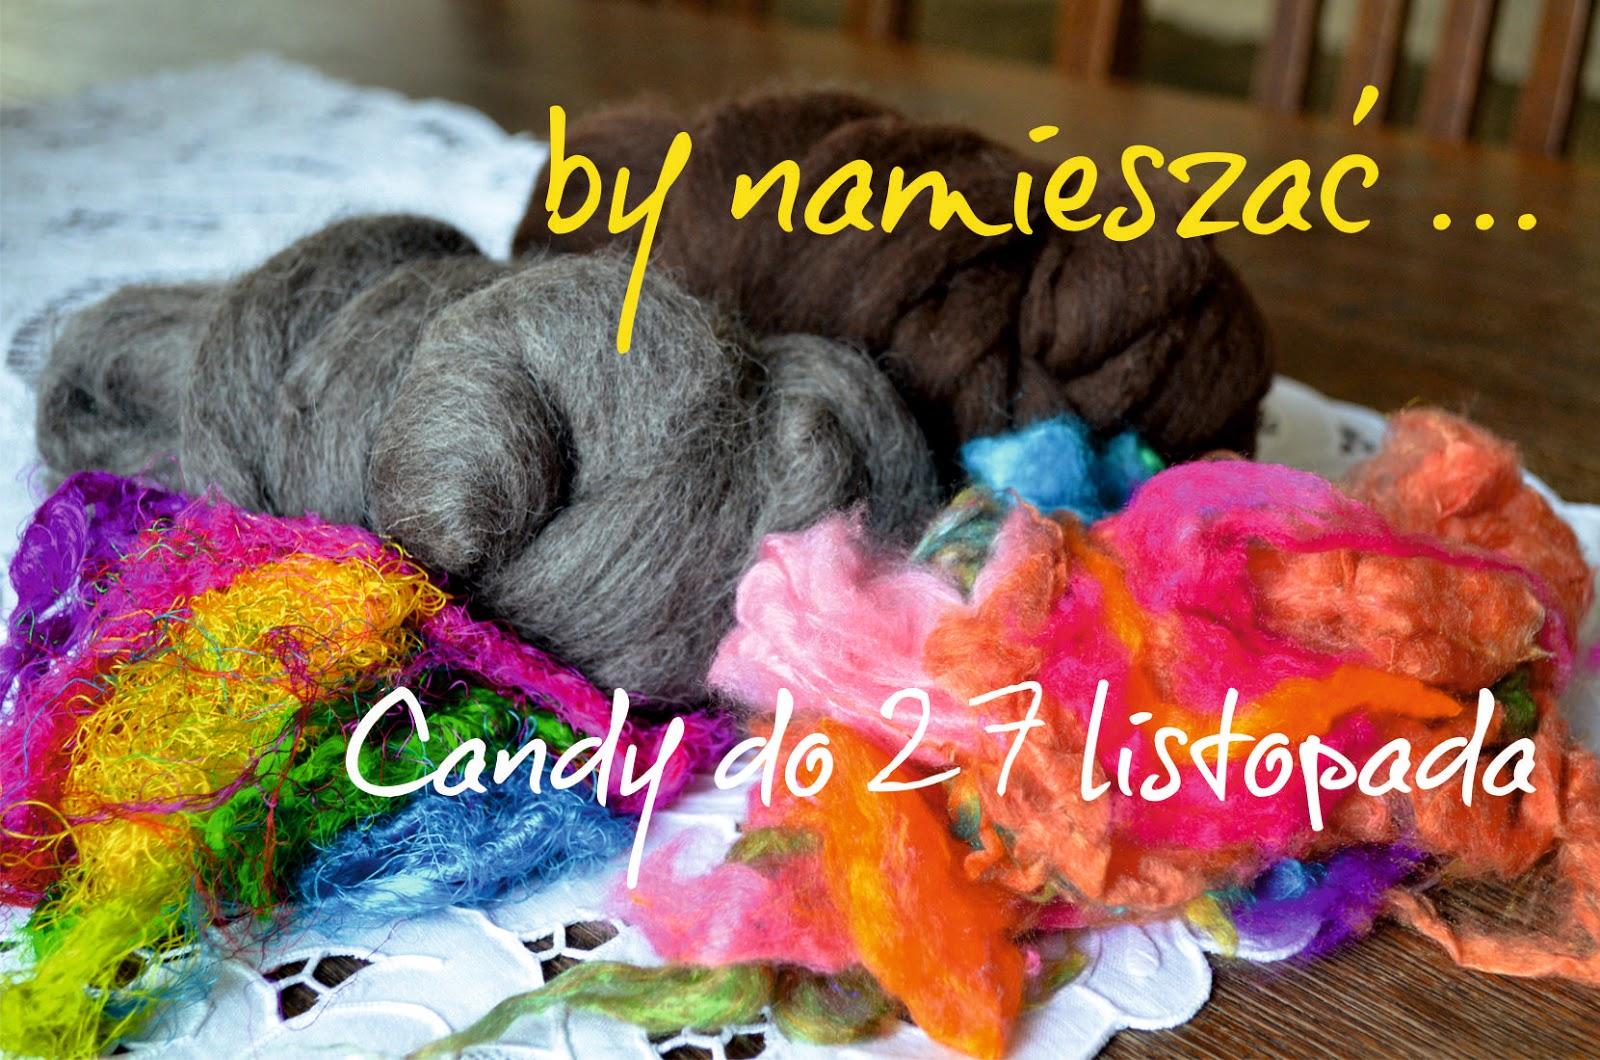 Candy u Kariny - WYGRAŁAM!